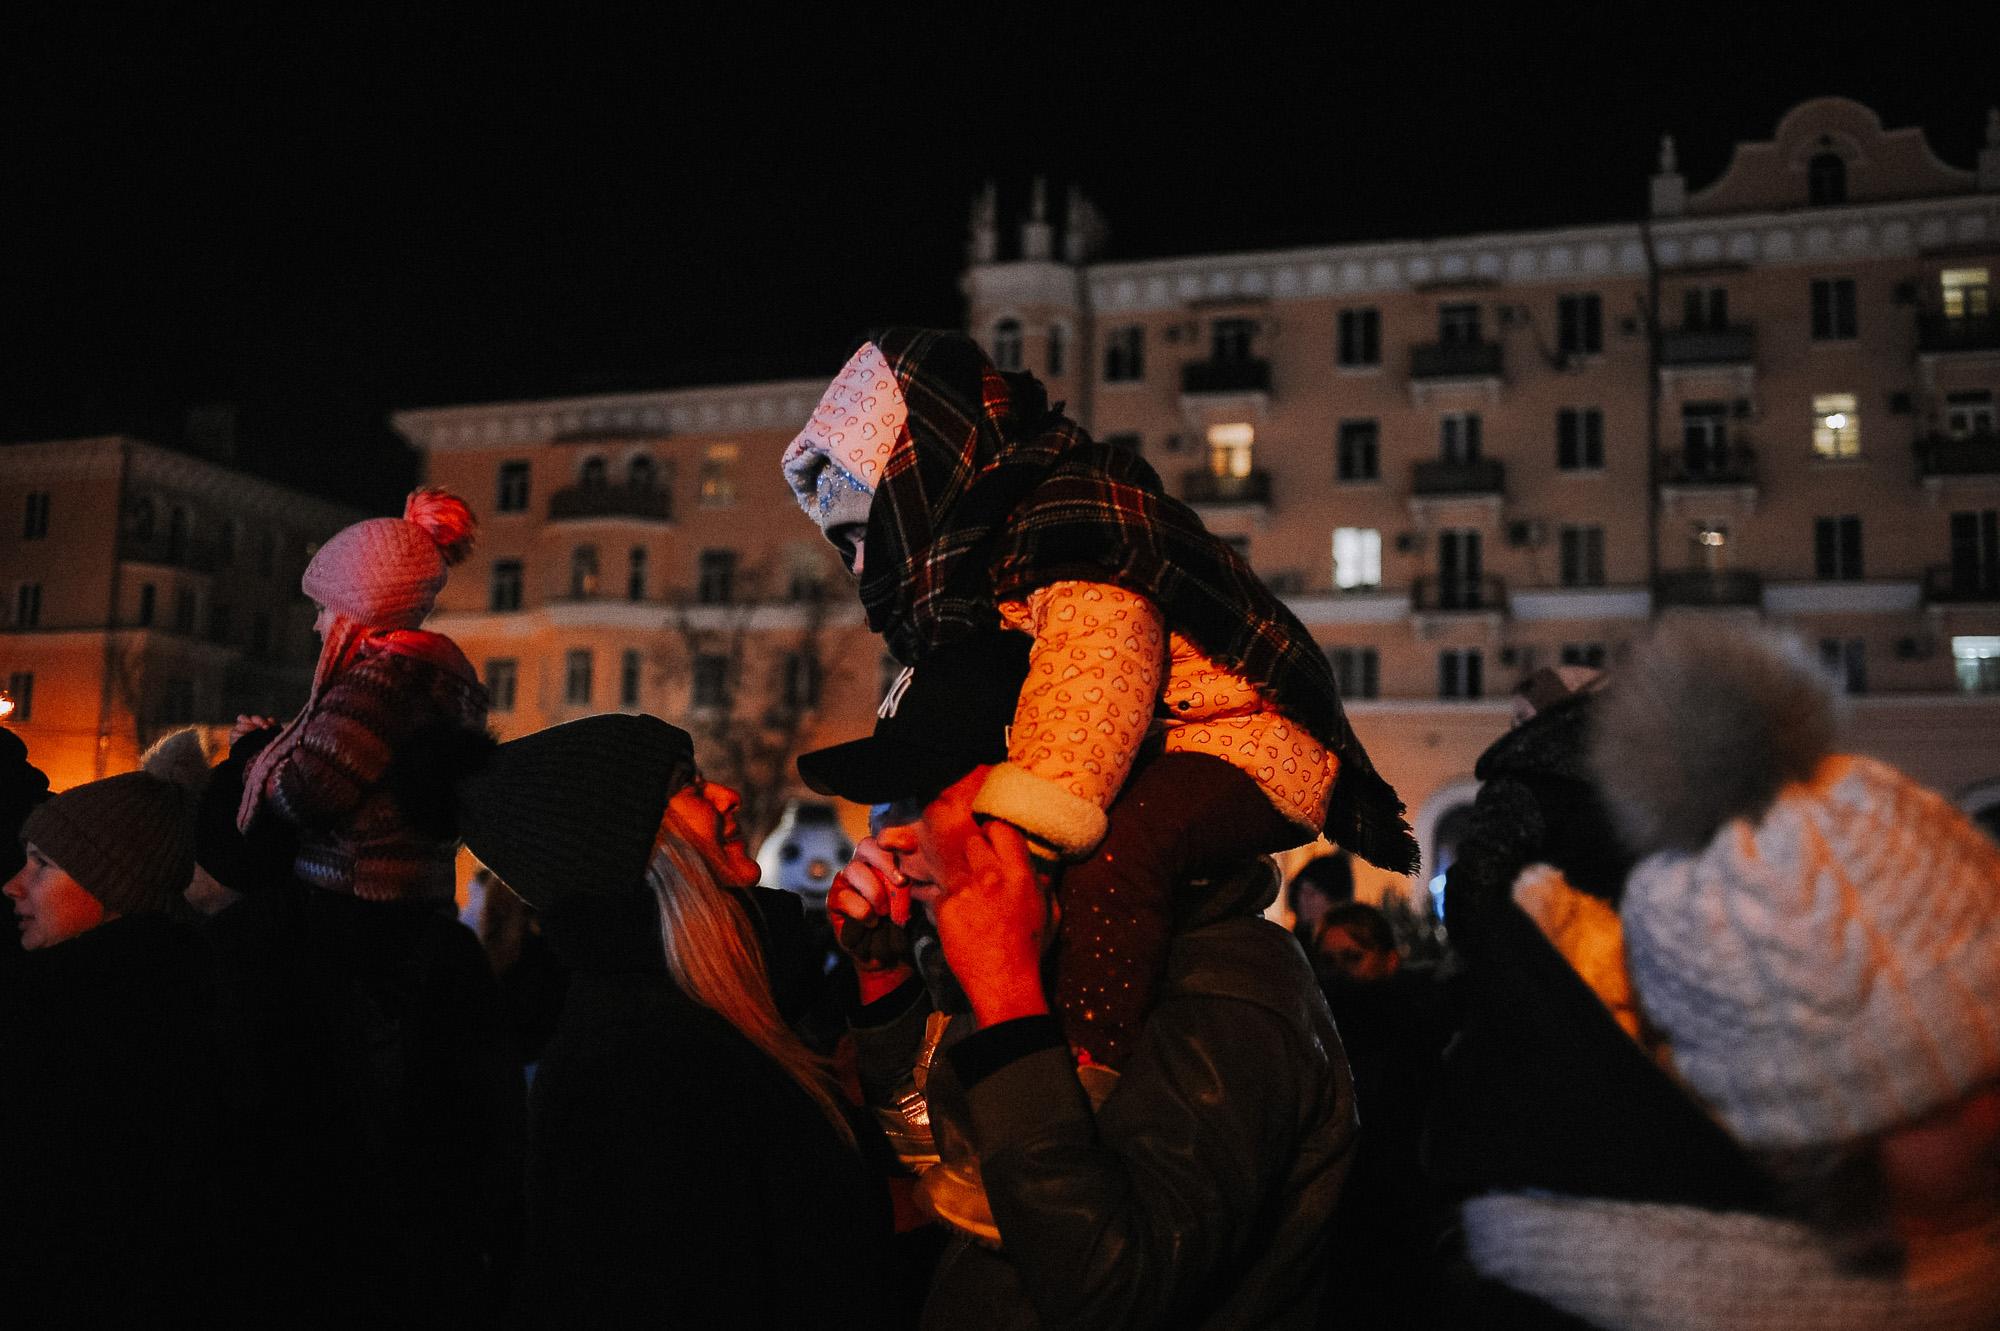 ZZZ 6883 В Астрахани на площади Ленина зажгли новогоднюю елку: кадры торжества